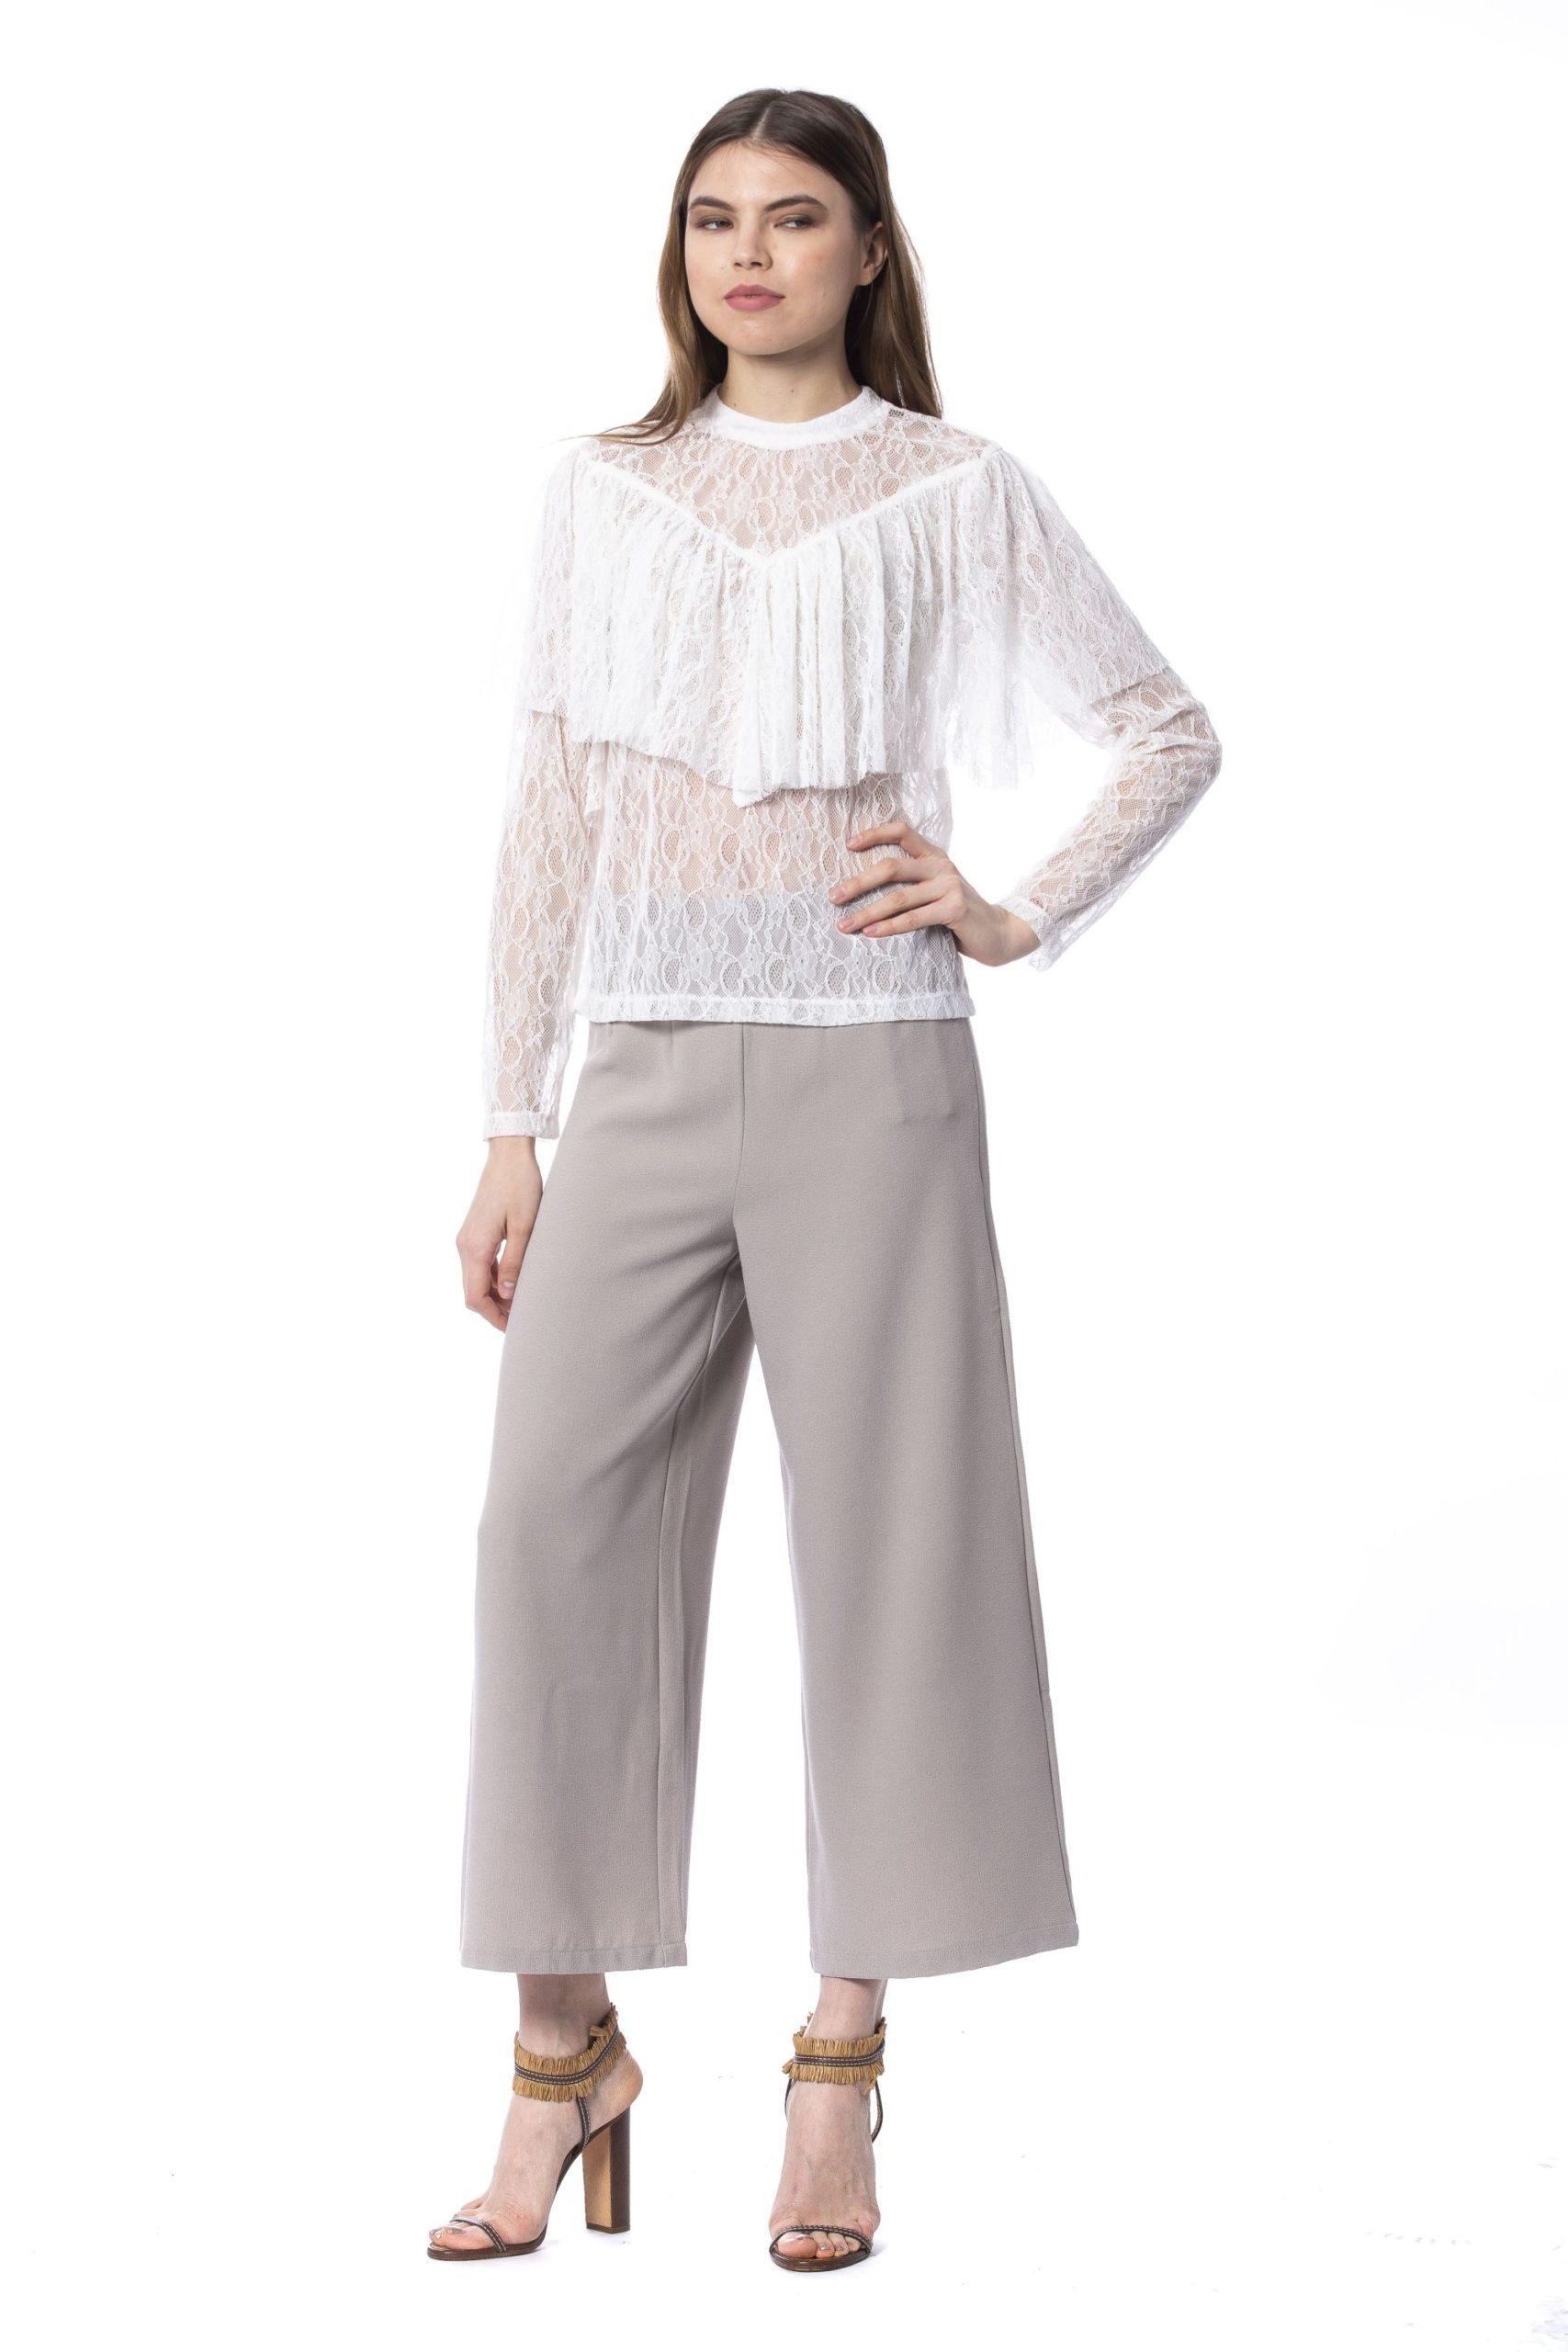 Silvian Heach Women's Milk T-Shirt White SI1235201 - XXS